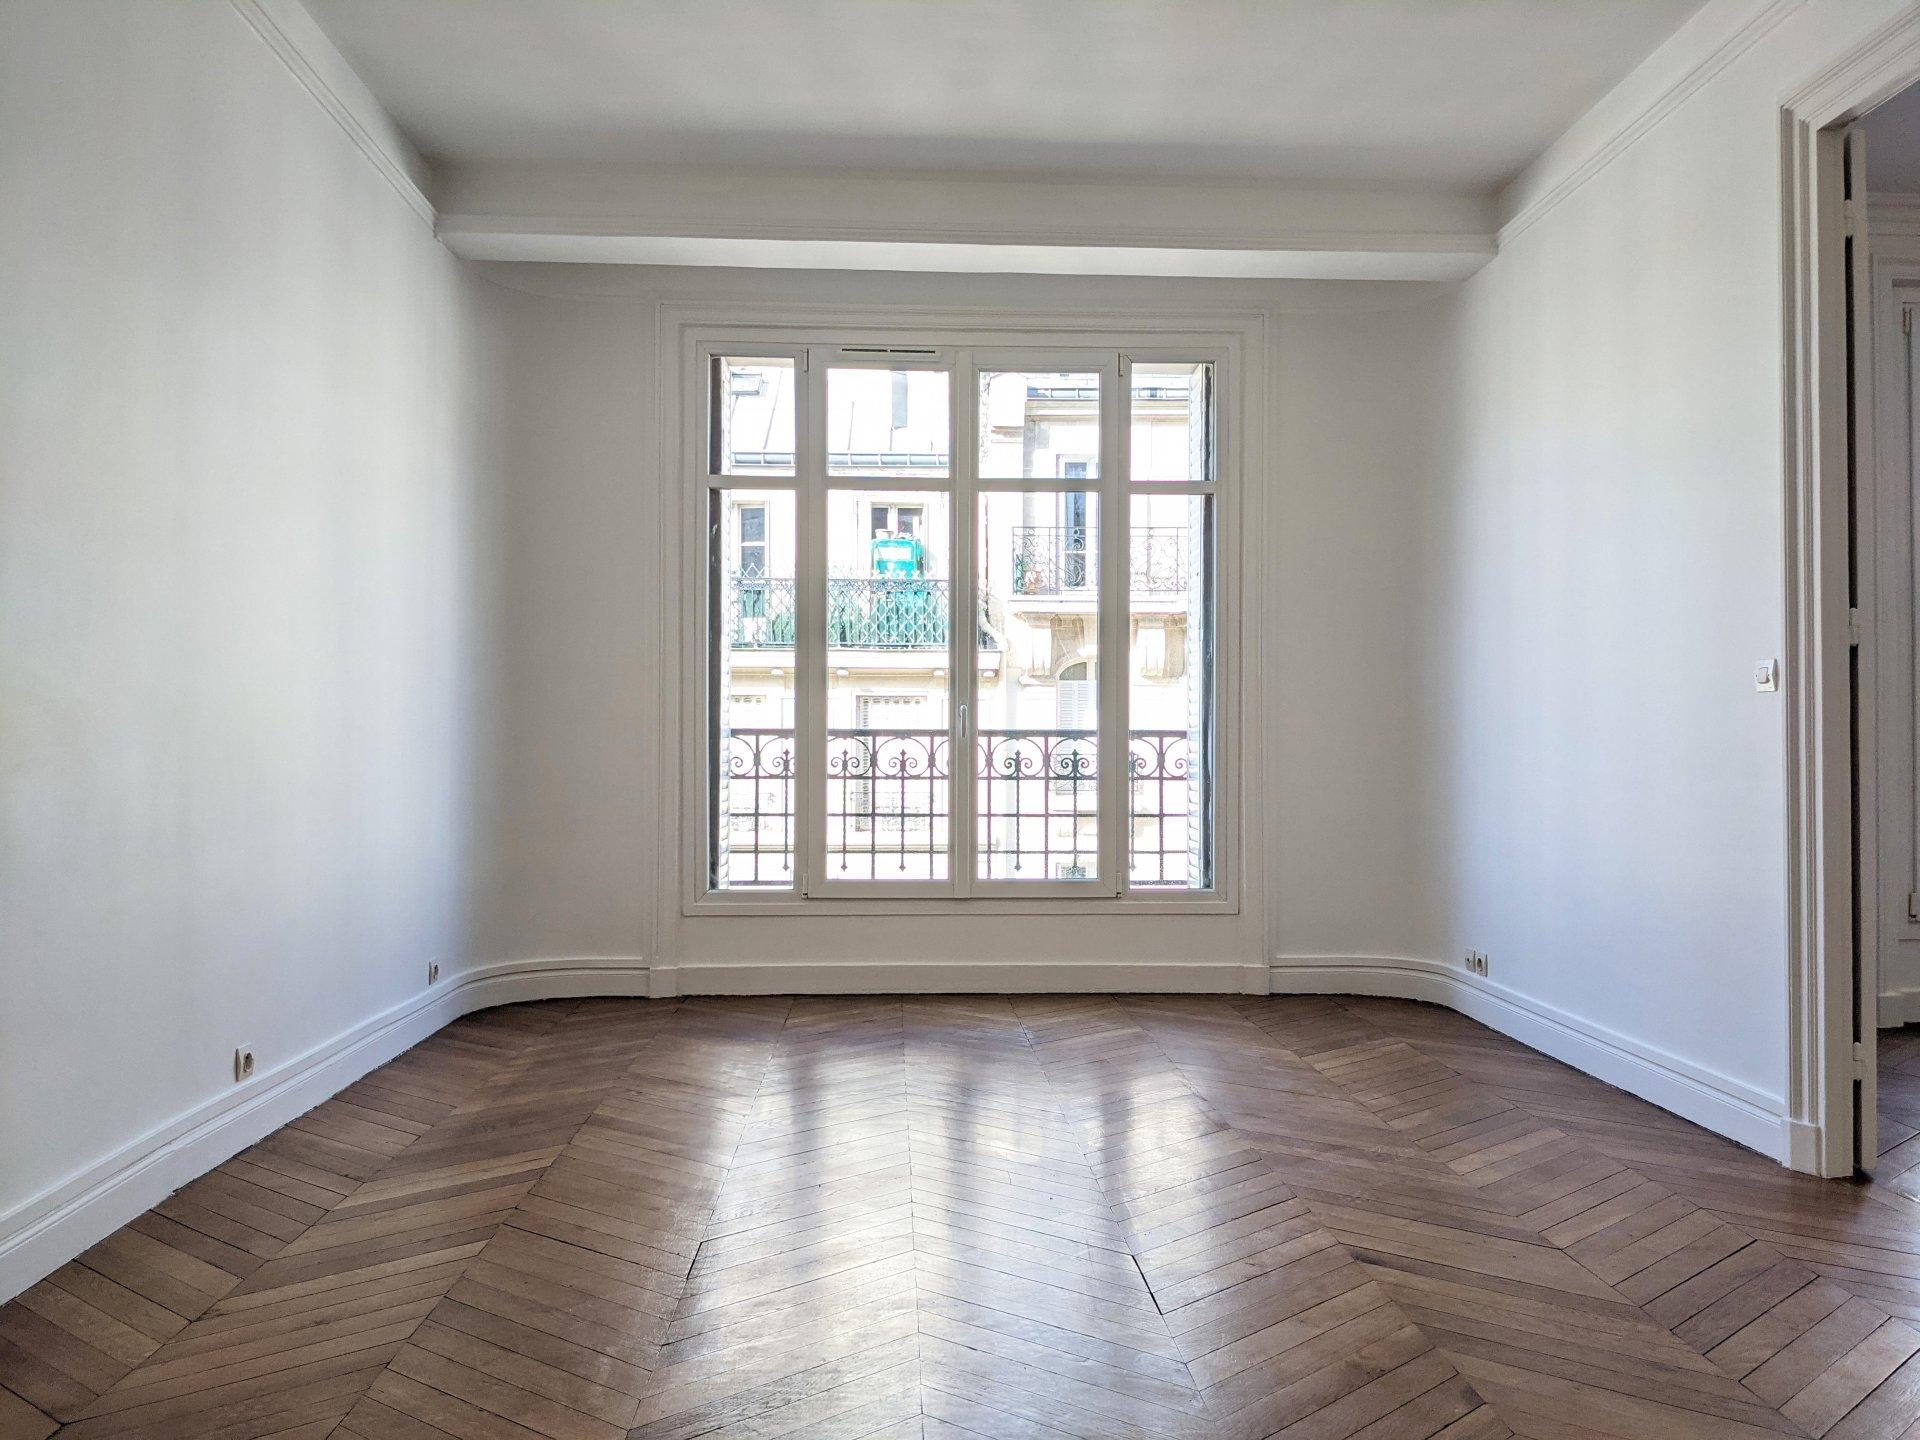 Appartement 4 pièces 102.8 m² 75014